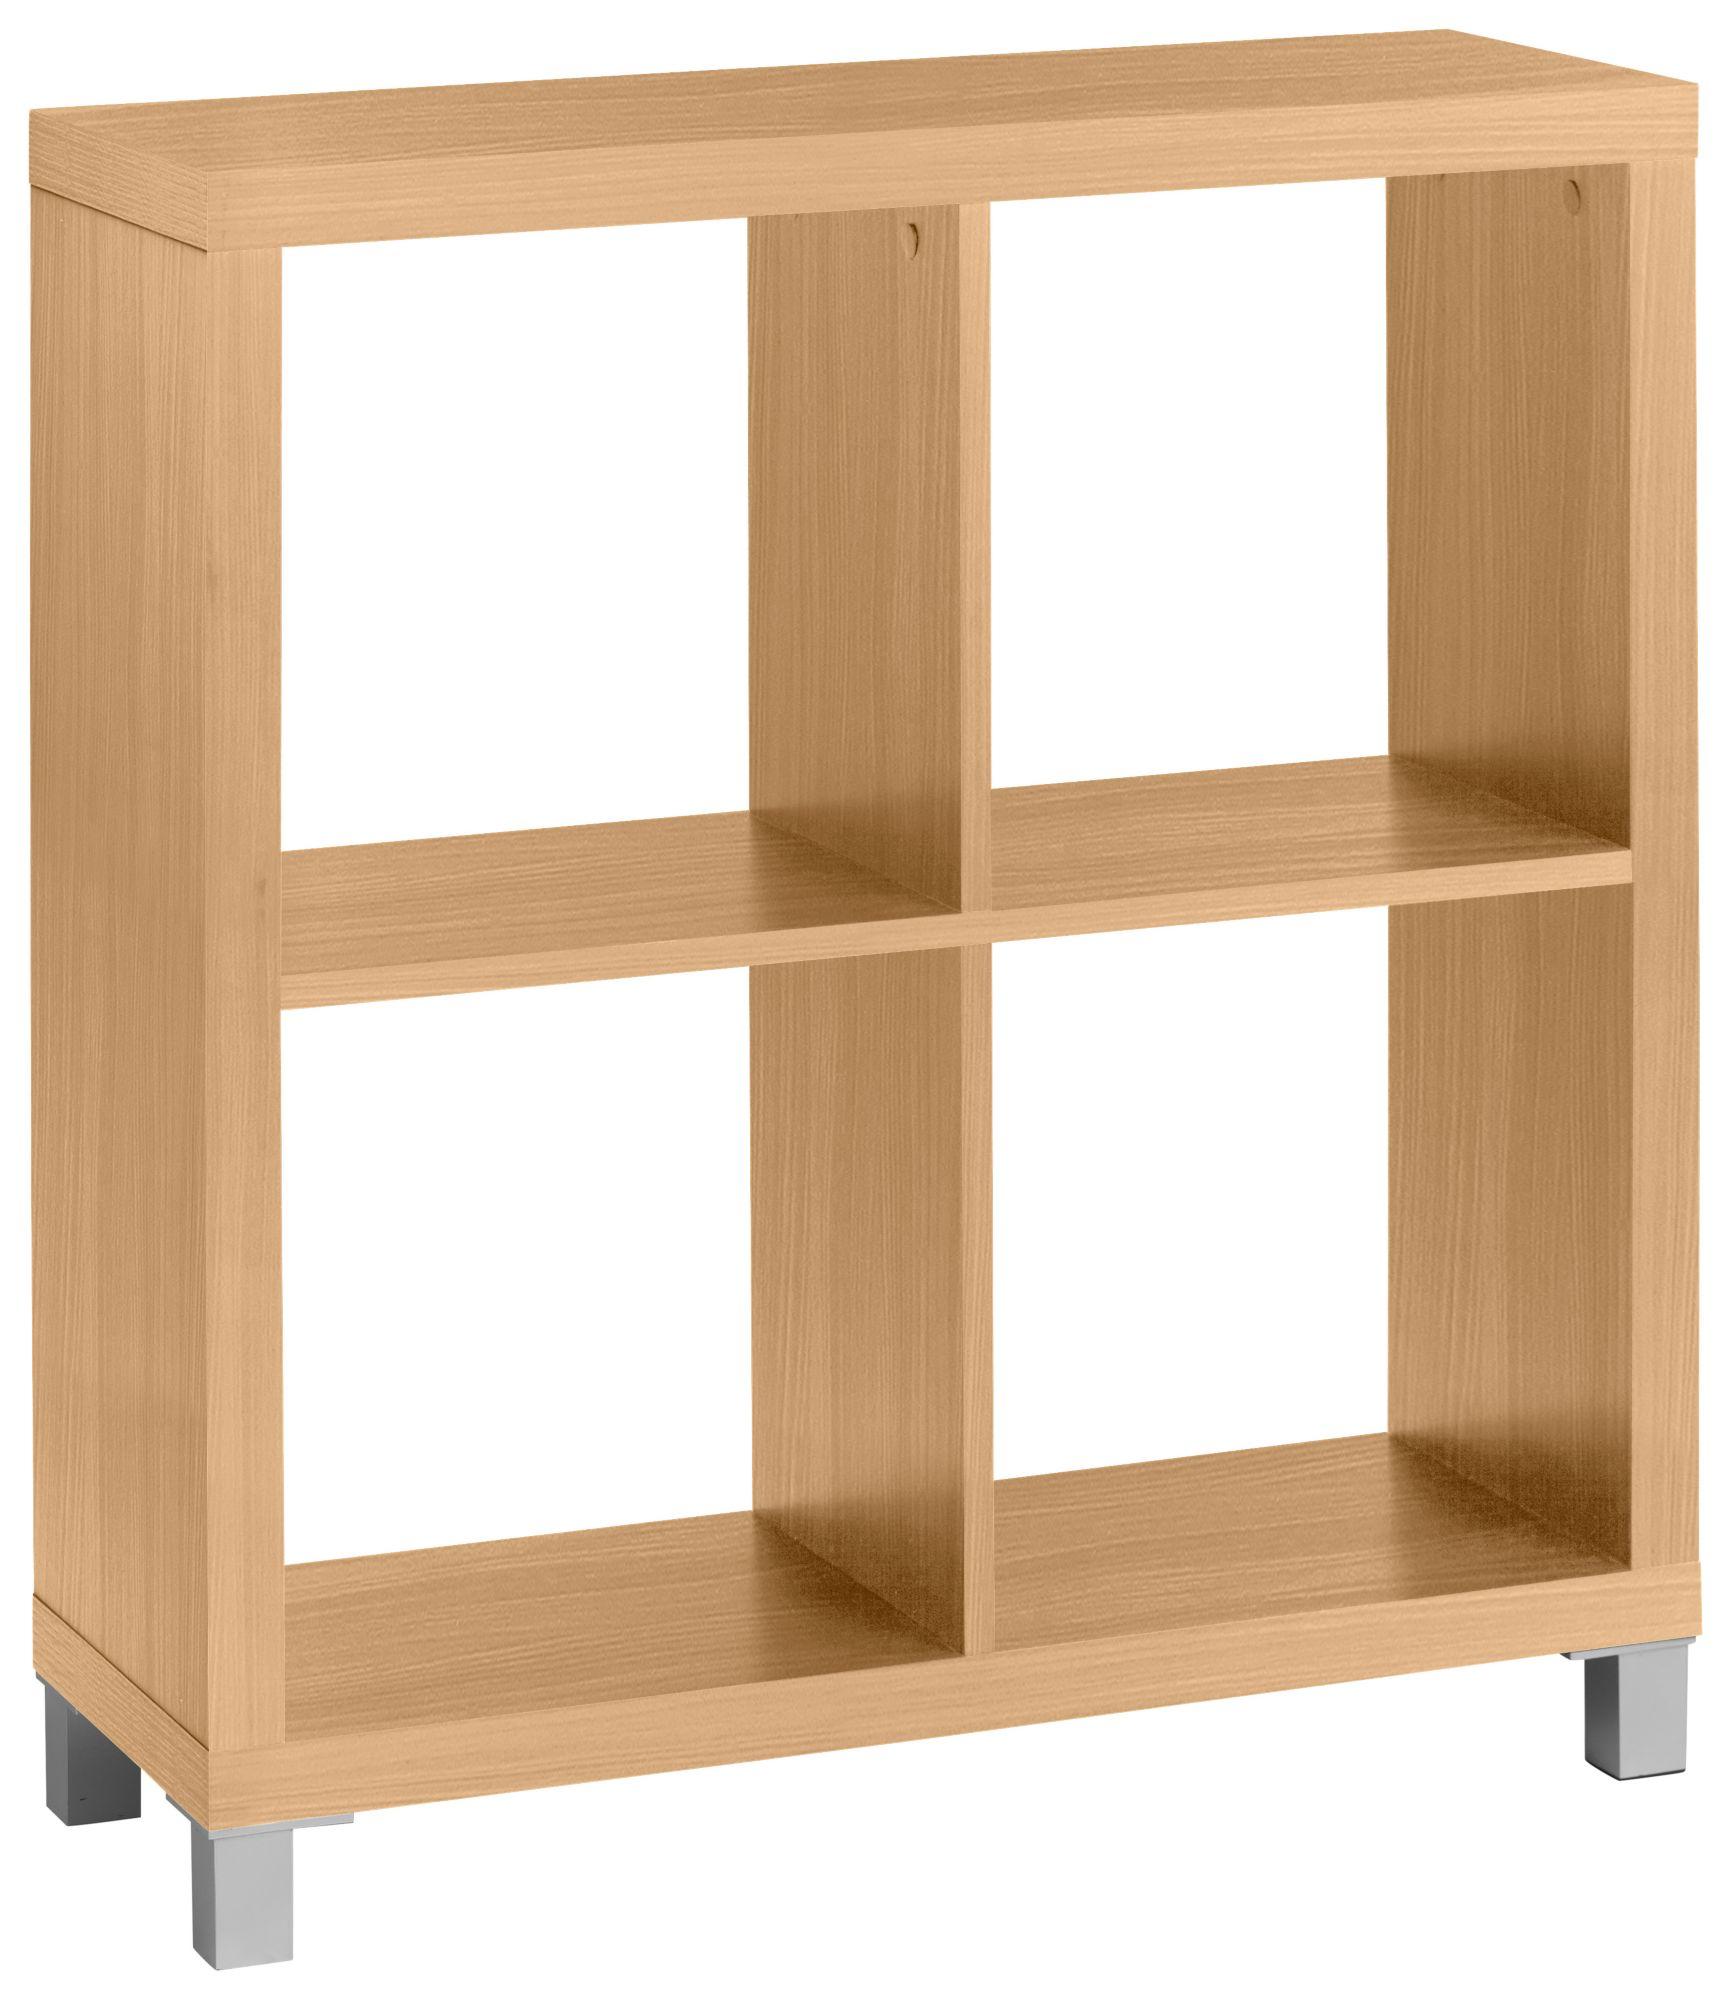 regal kernbuche g nstig online kaufen beim schwab versand. Black Bedroom Furniture Sets. Home Design Ideas